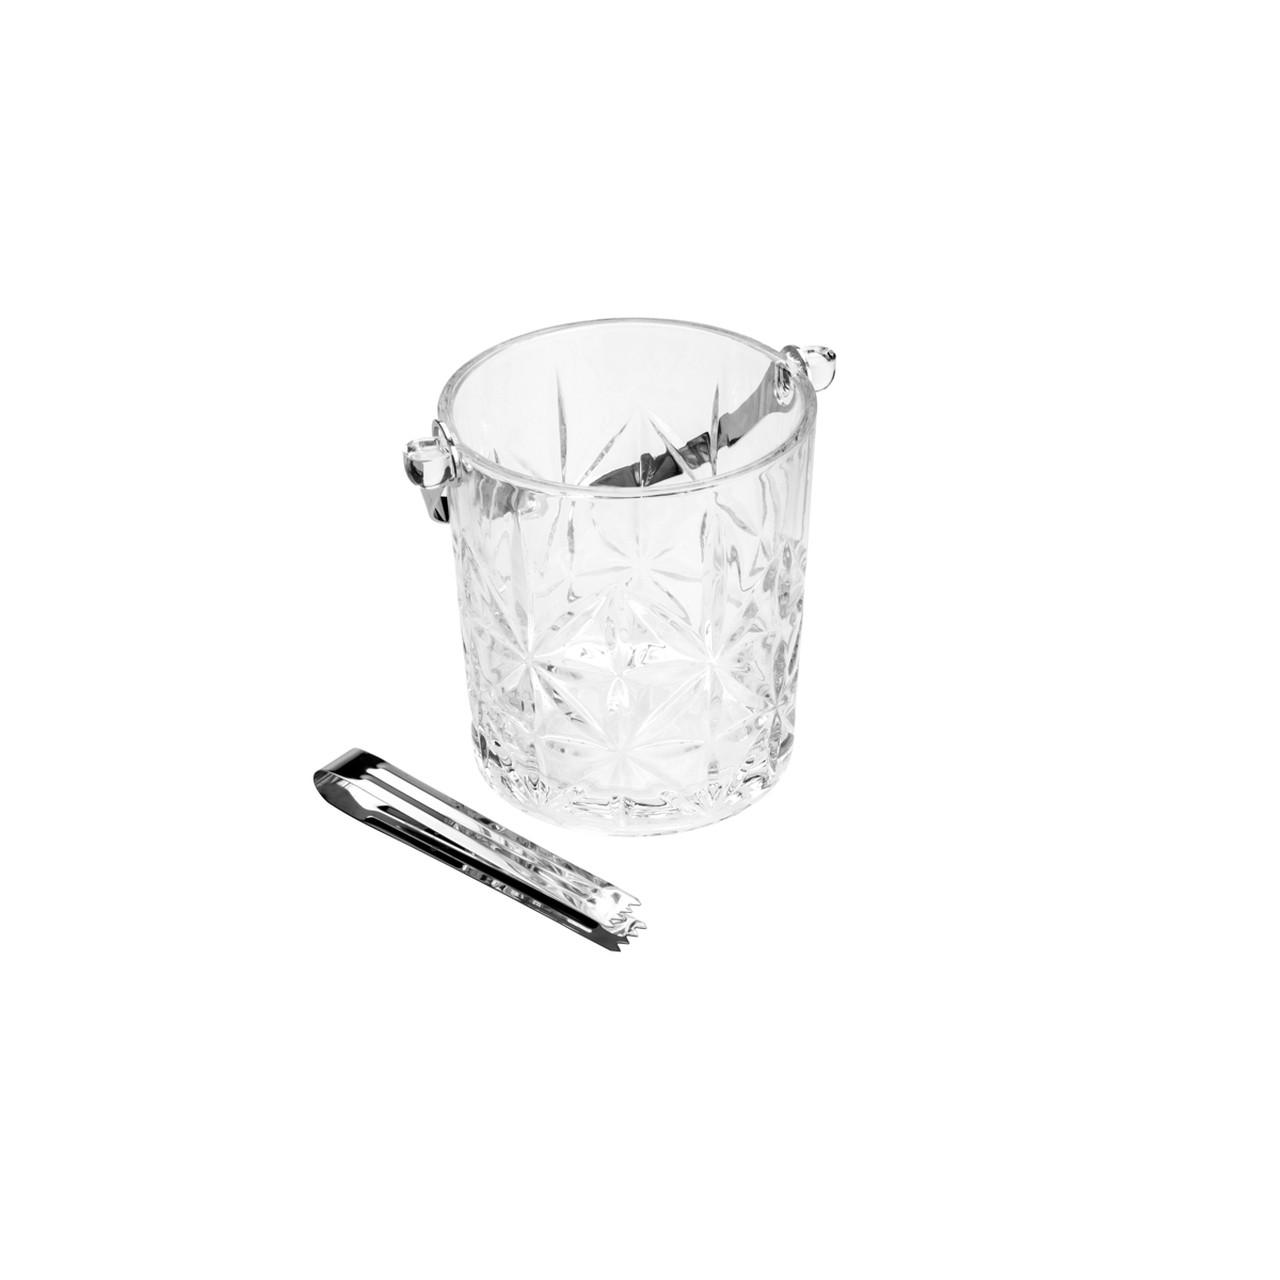 Jarra vidro Sodo-Calcico p/ Gelo c/ alca e pegador Romano